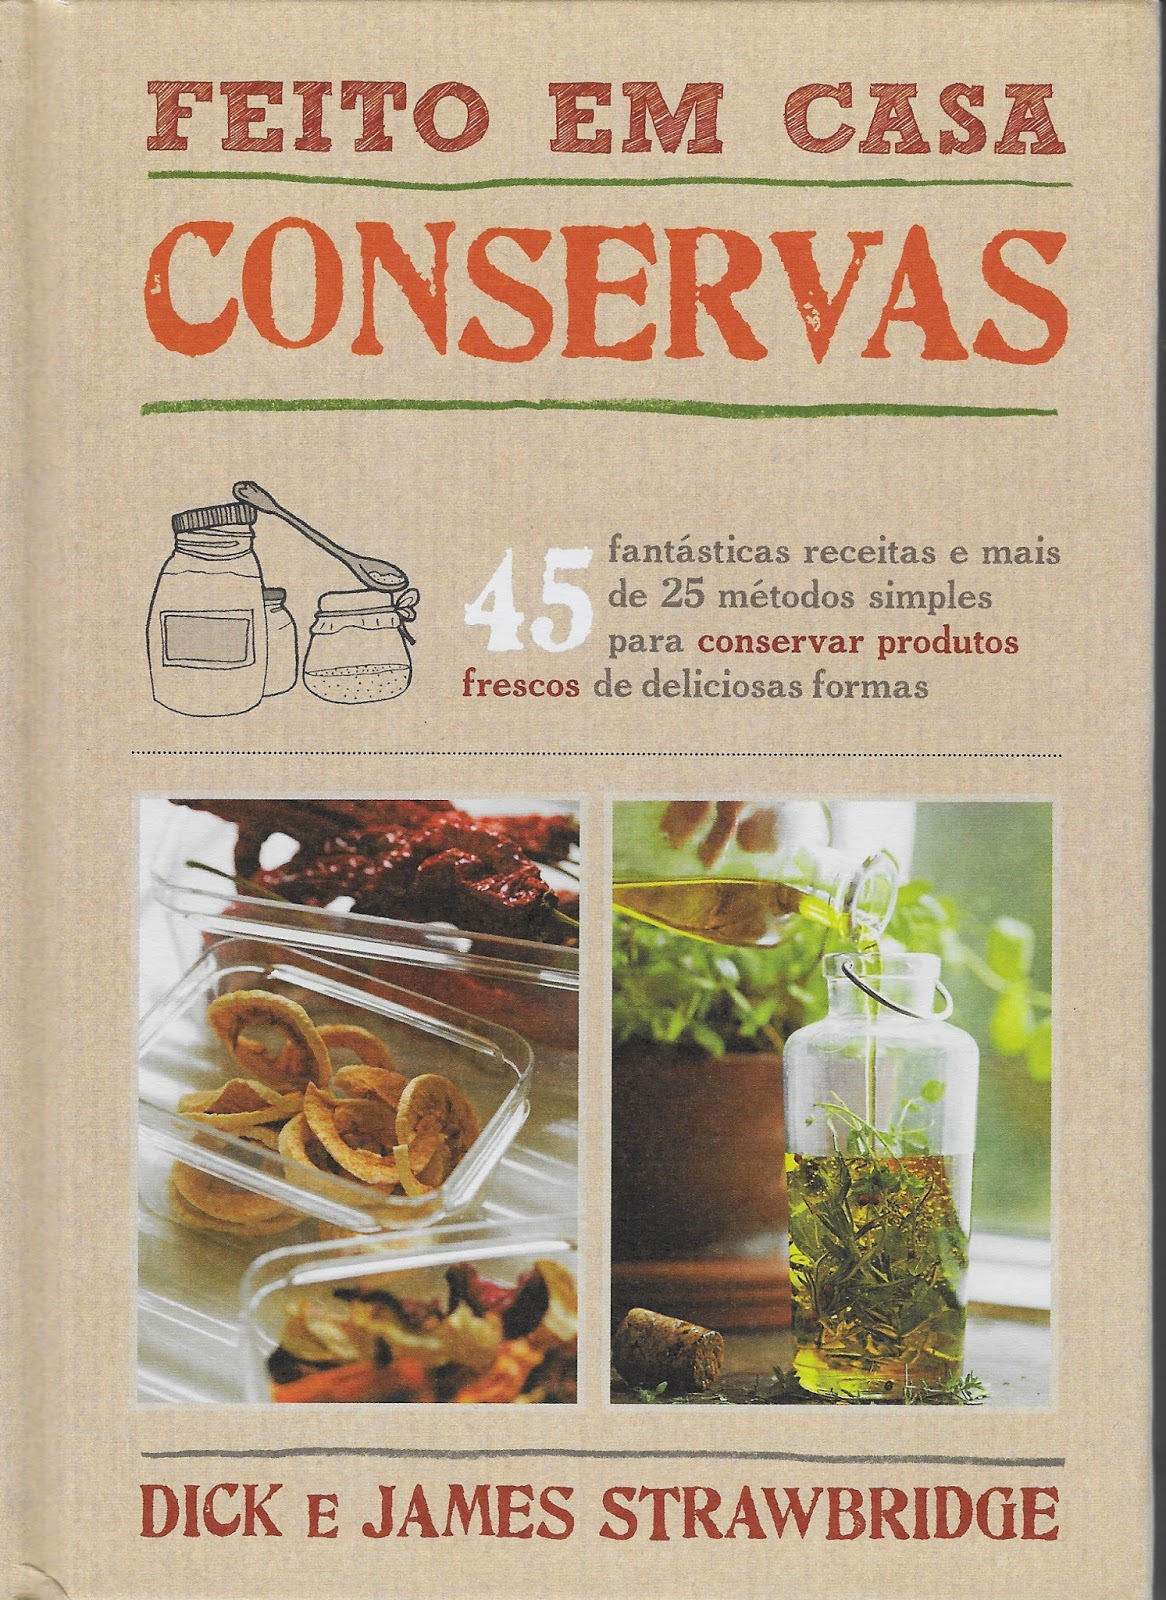 http://www.cantinhodasaromaticas.pt/loja/livros/feito-em-casa-conservas/